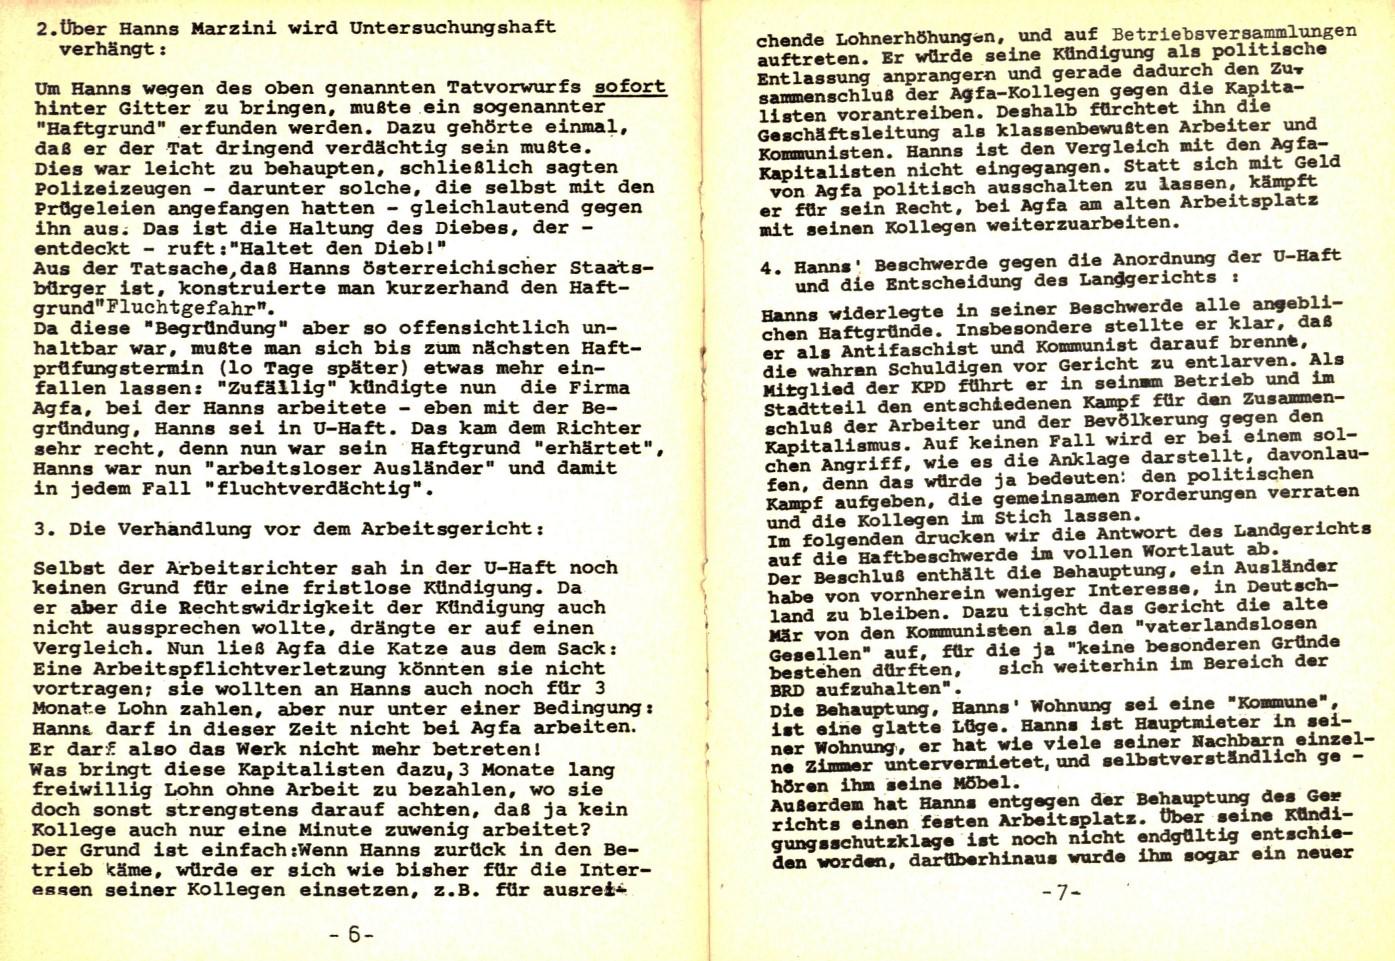 Muenchen_KPDAO_1975_Solikomitee_Marzini_05